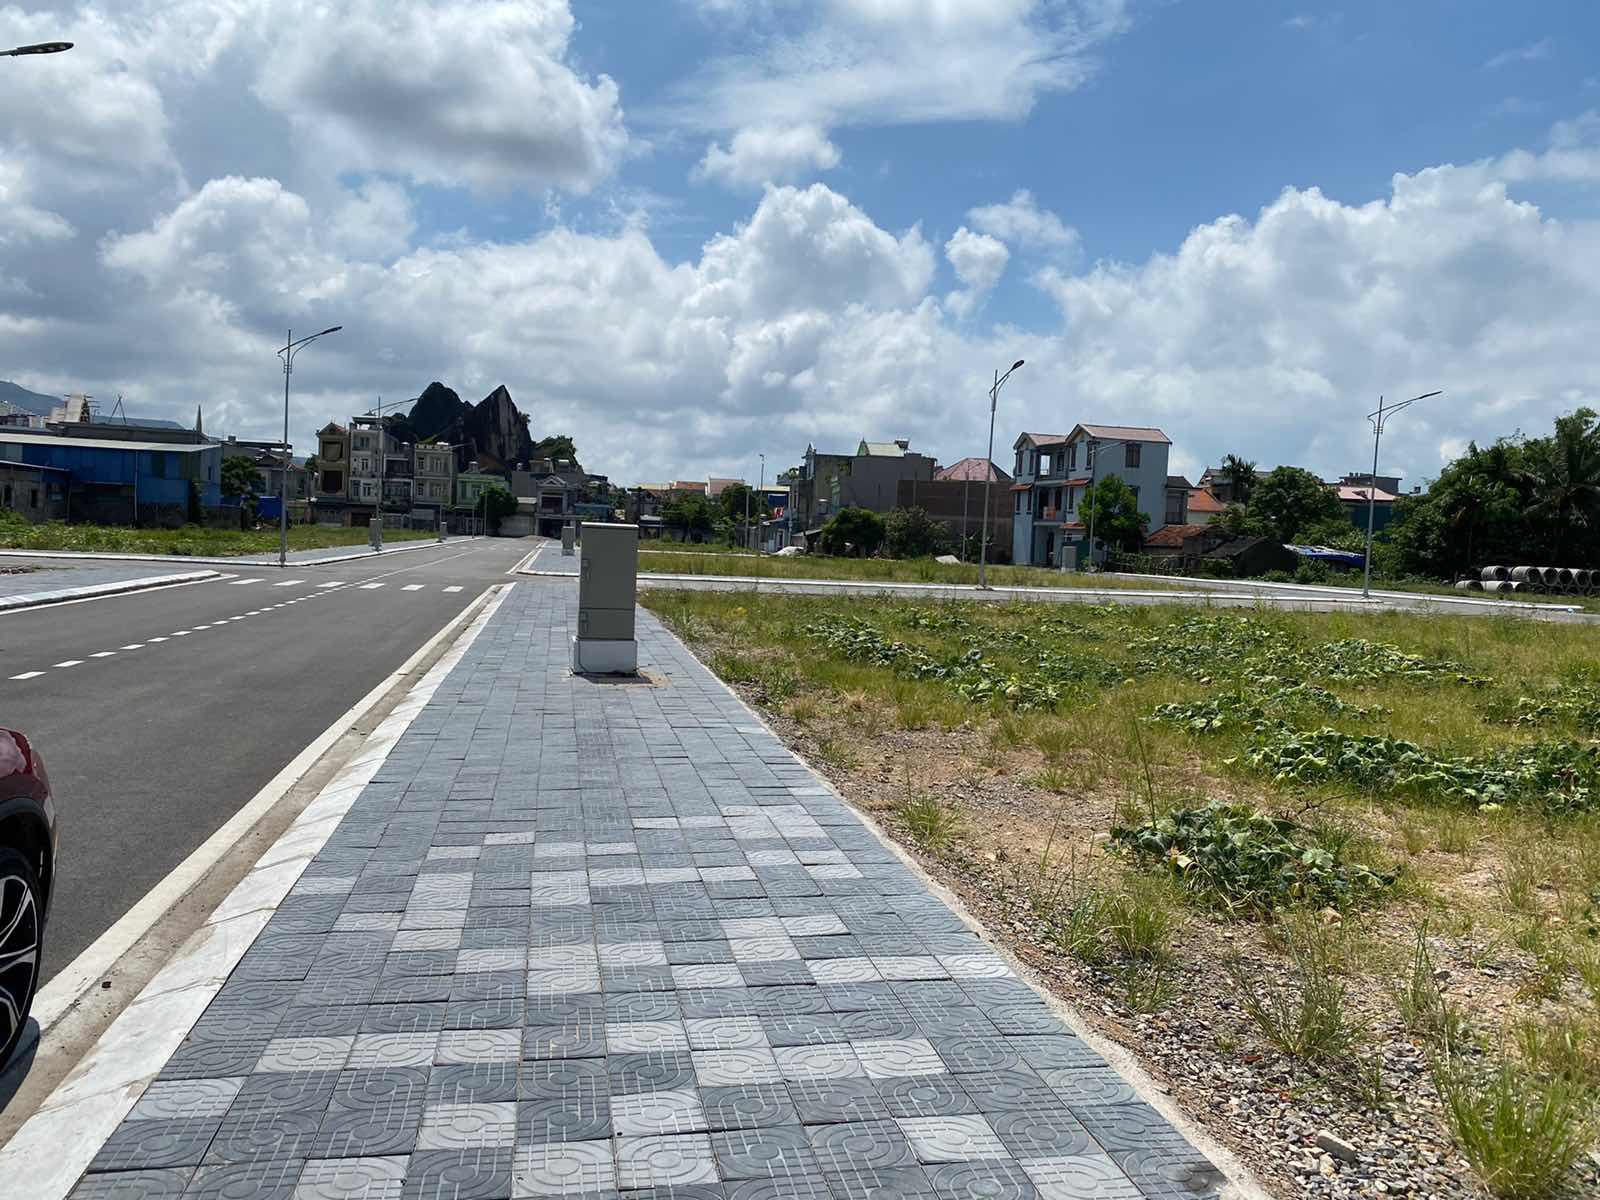 tiến độ dự án khu dân cư cẩm thạch